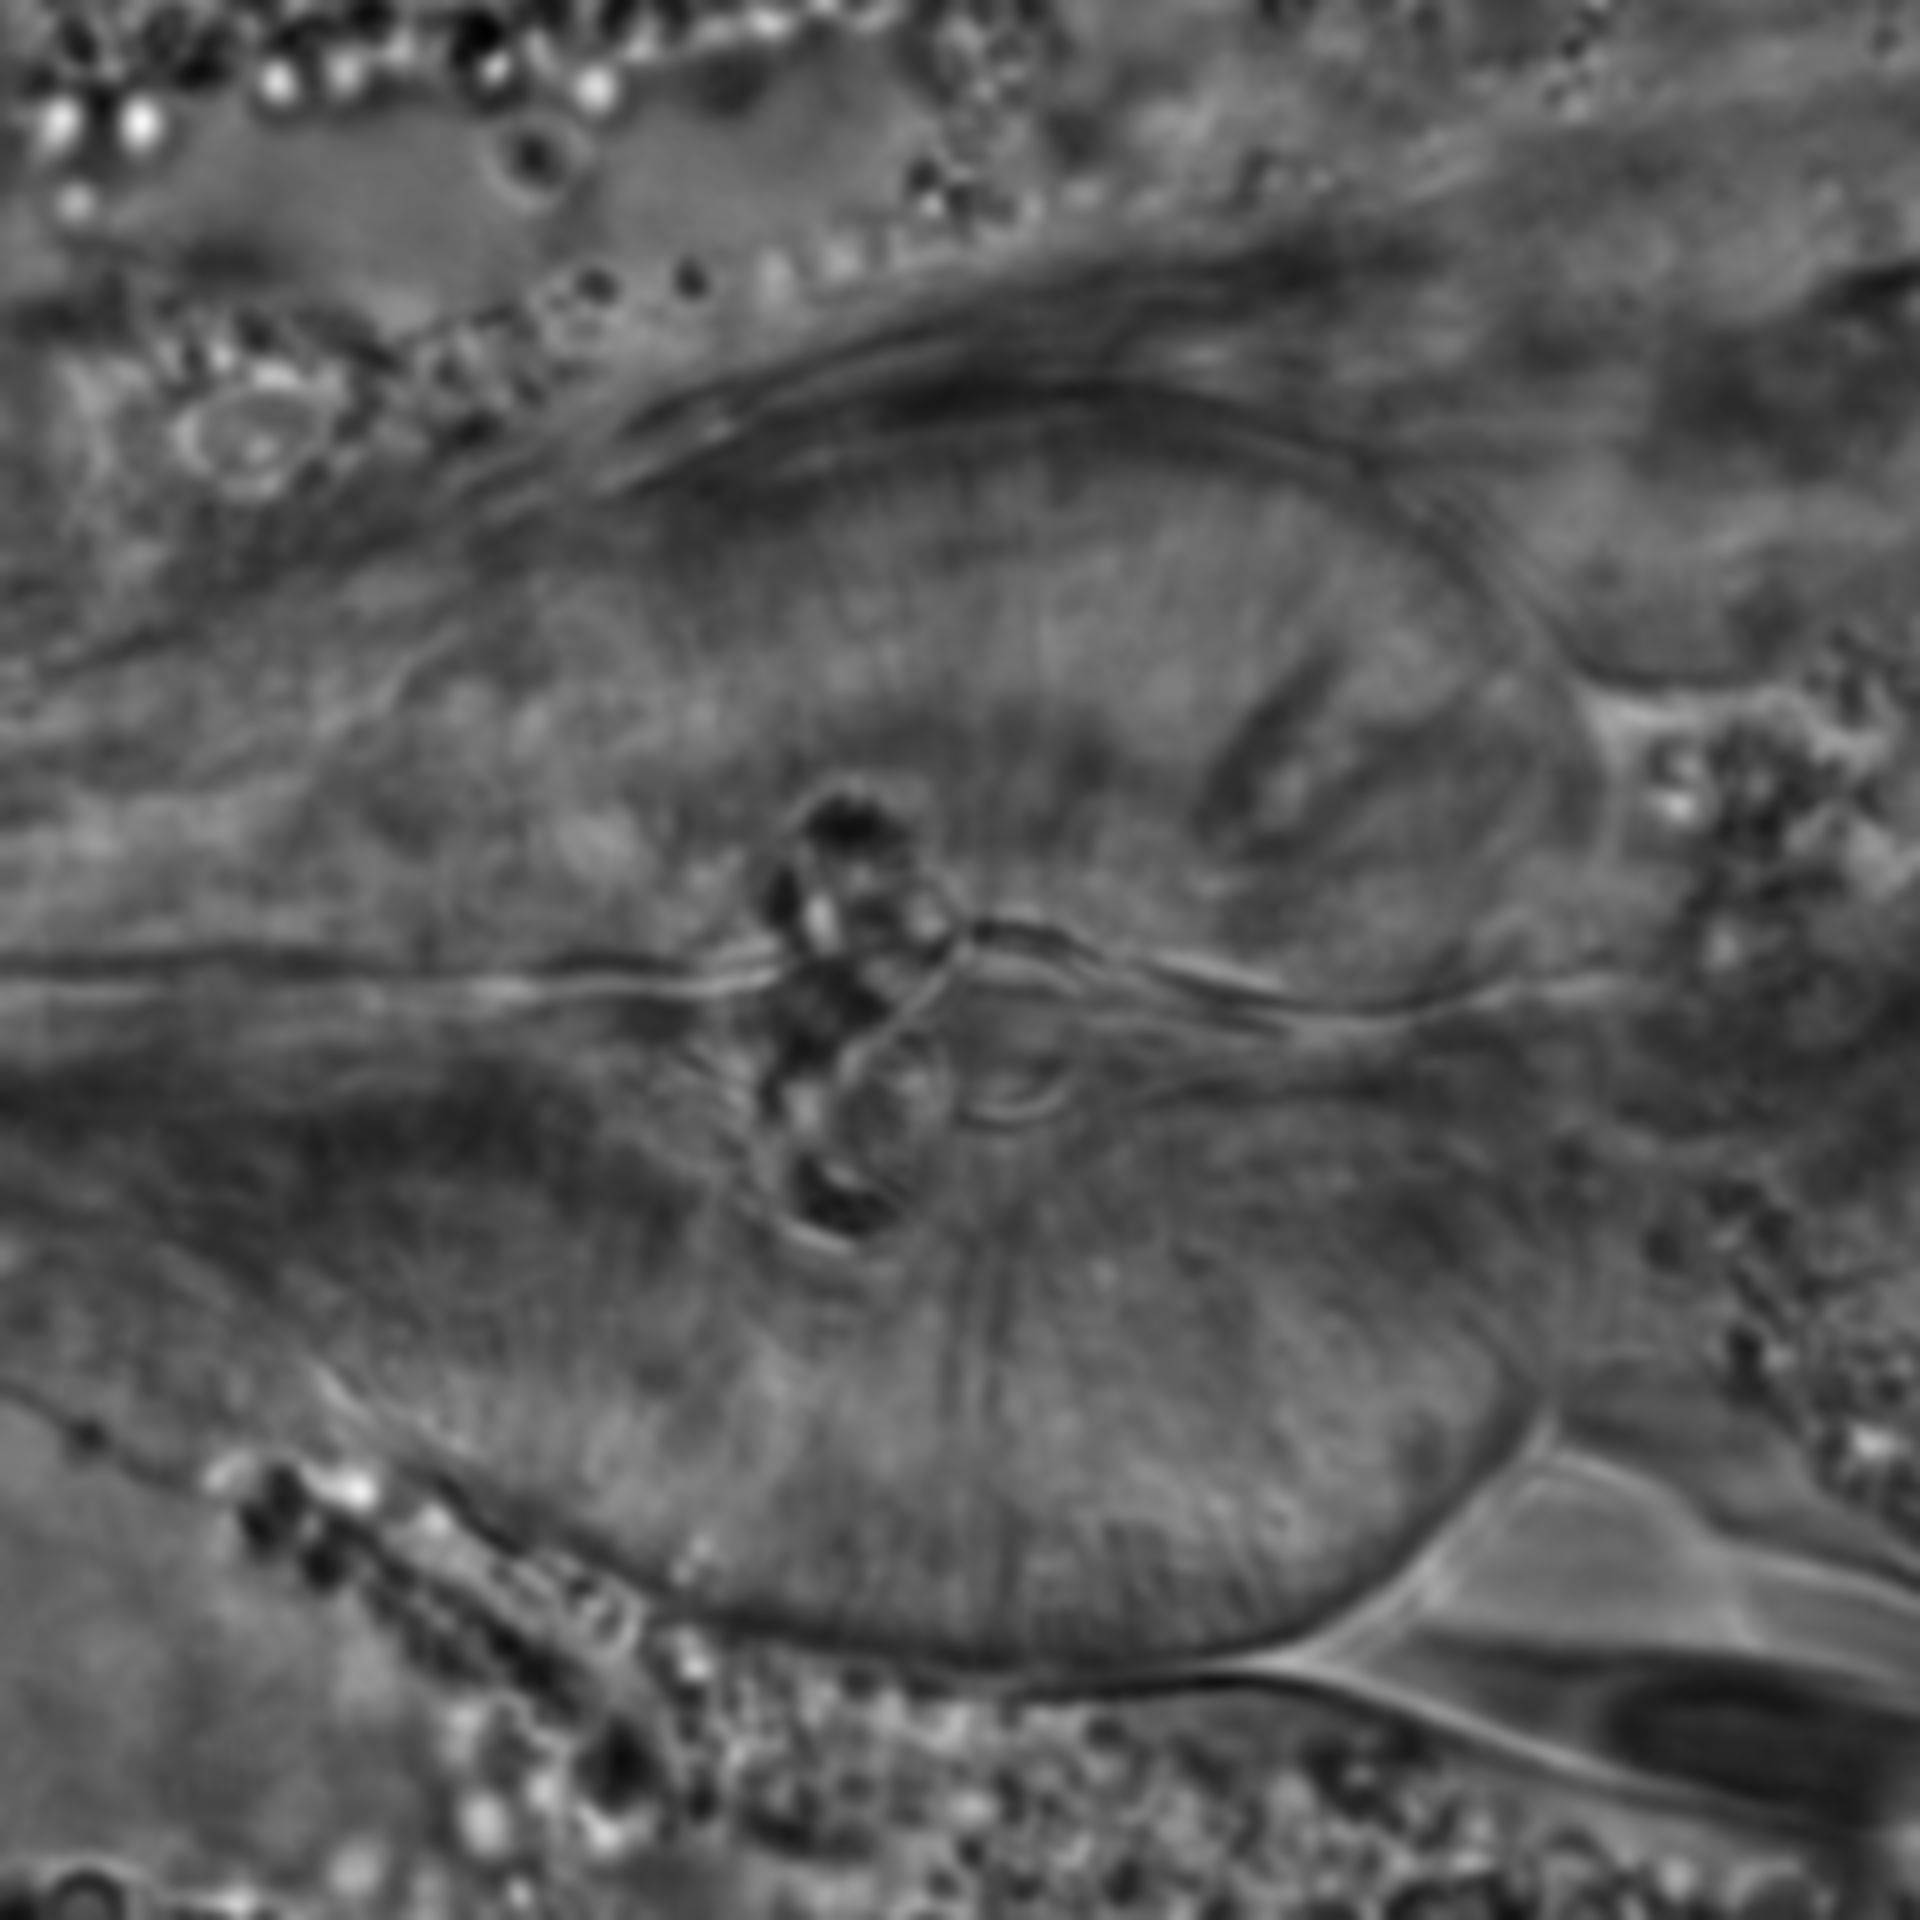 Caenorhabditis elegans - CIL:1733